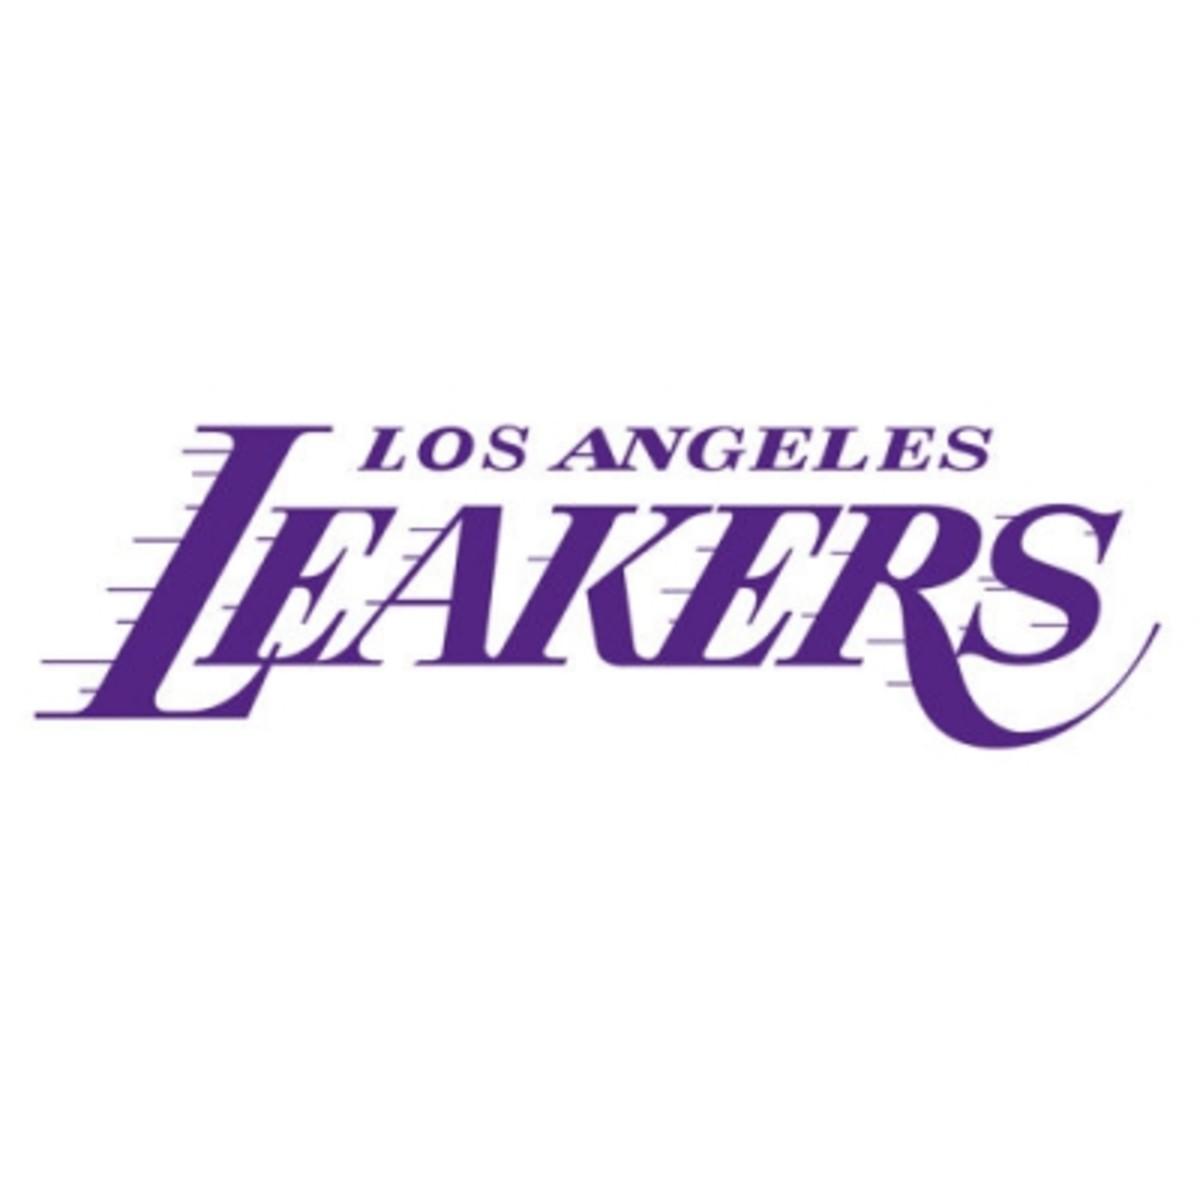 la-leakers.jpg